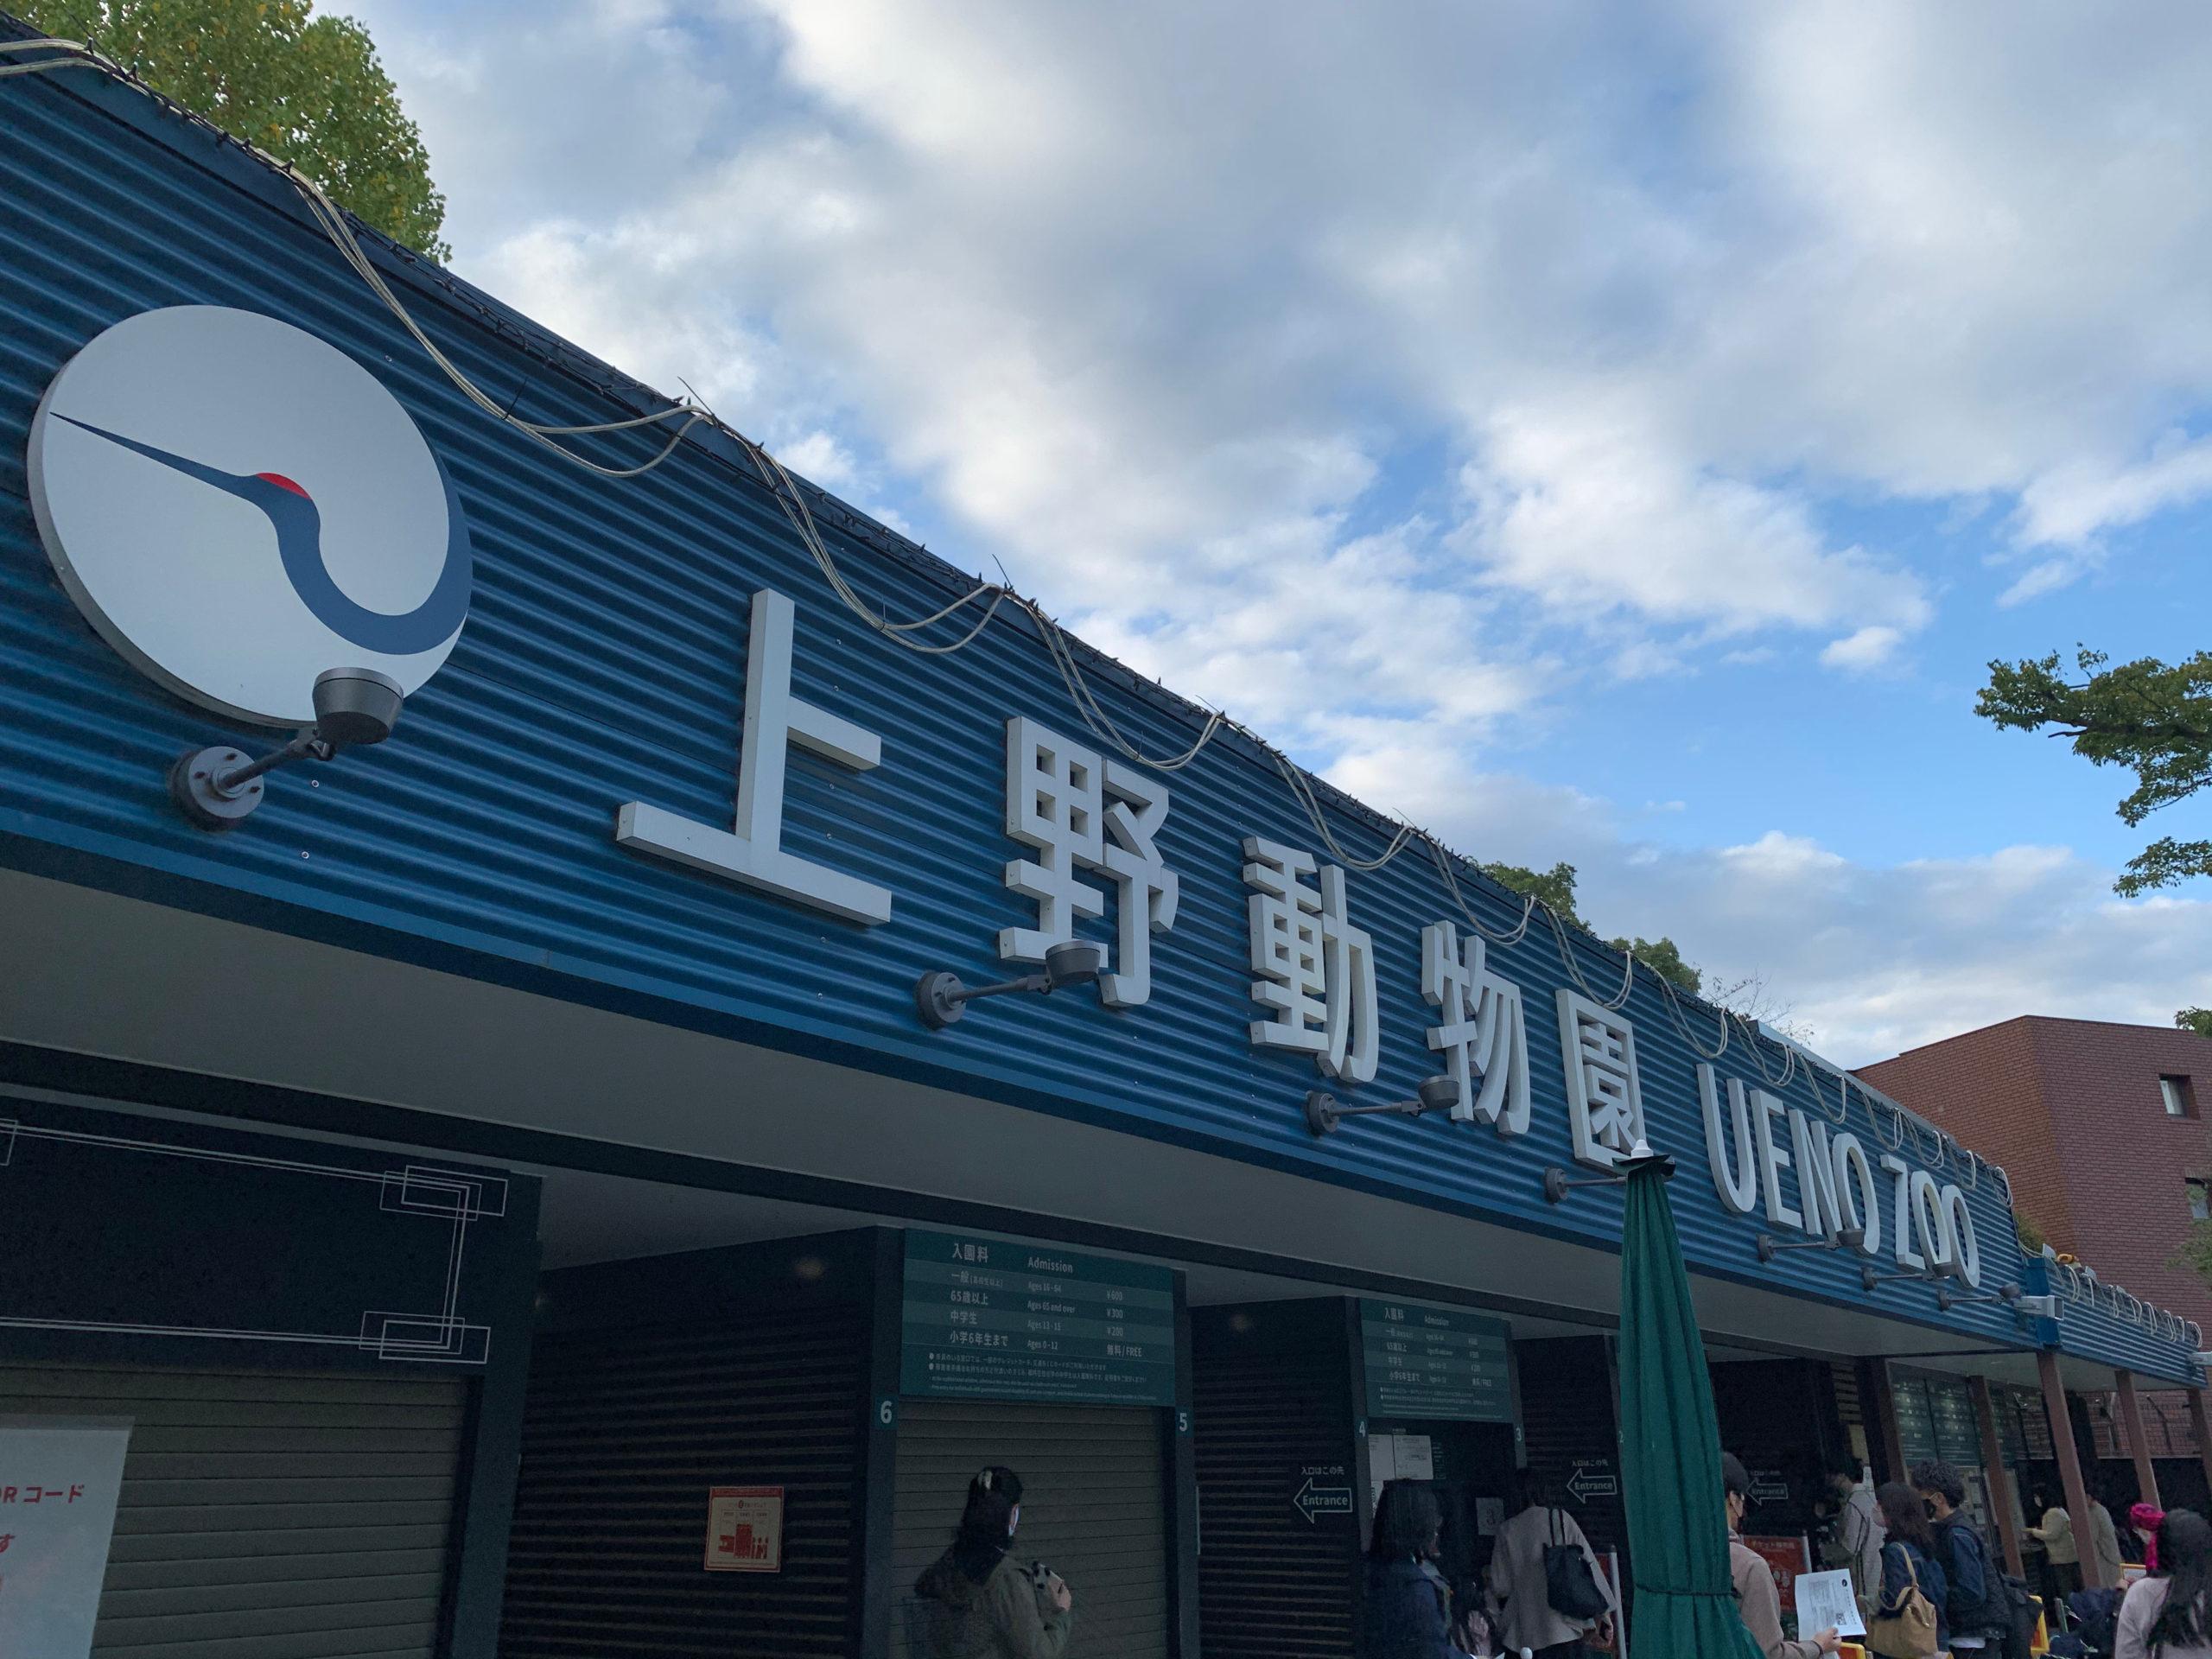 上野動物園のパンダ「シャンシャン」は相変わらずの大人気でしたが、その他の動物も愛らしく、来園時間があっという間にすぎるほどの楽しさでした